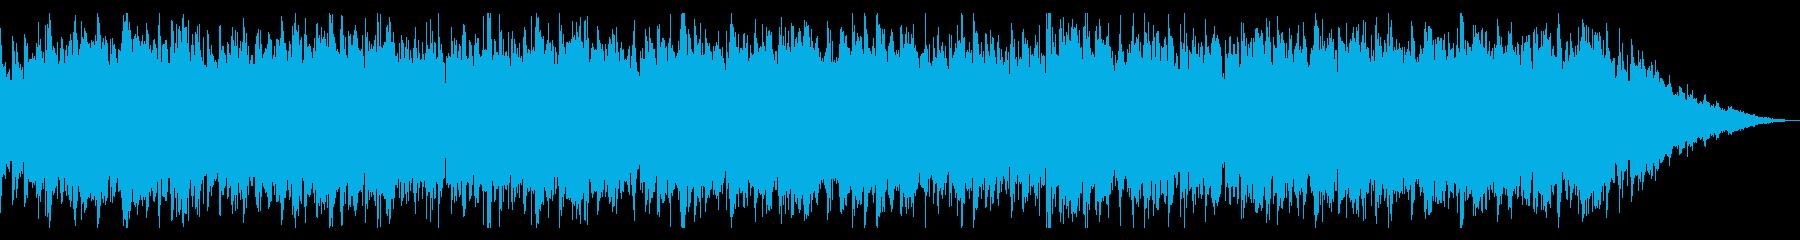 軽快で楽しげなアイリッシュジグの再生済みの波形